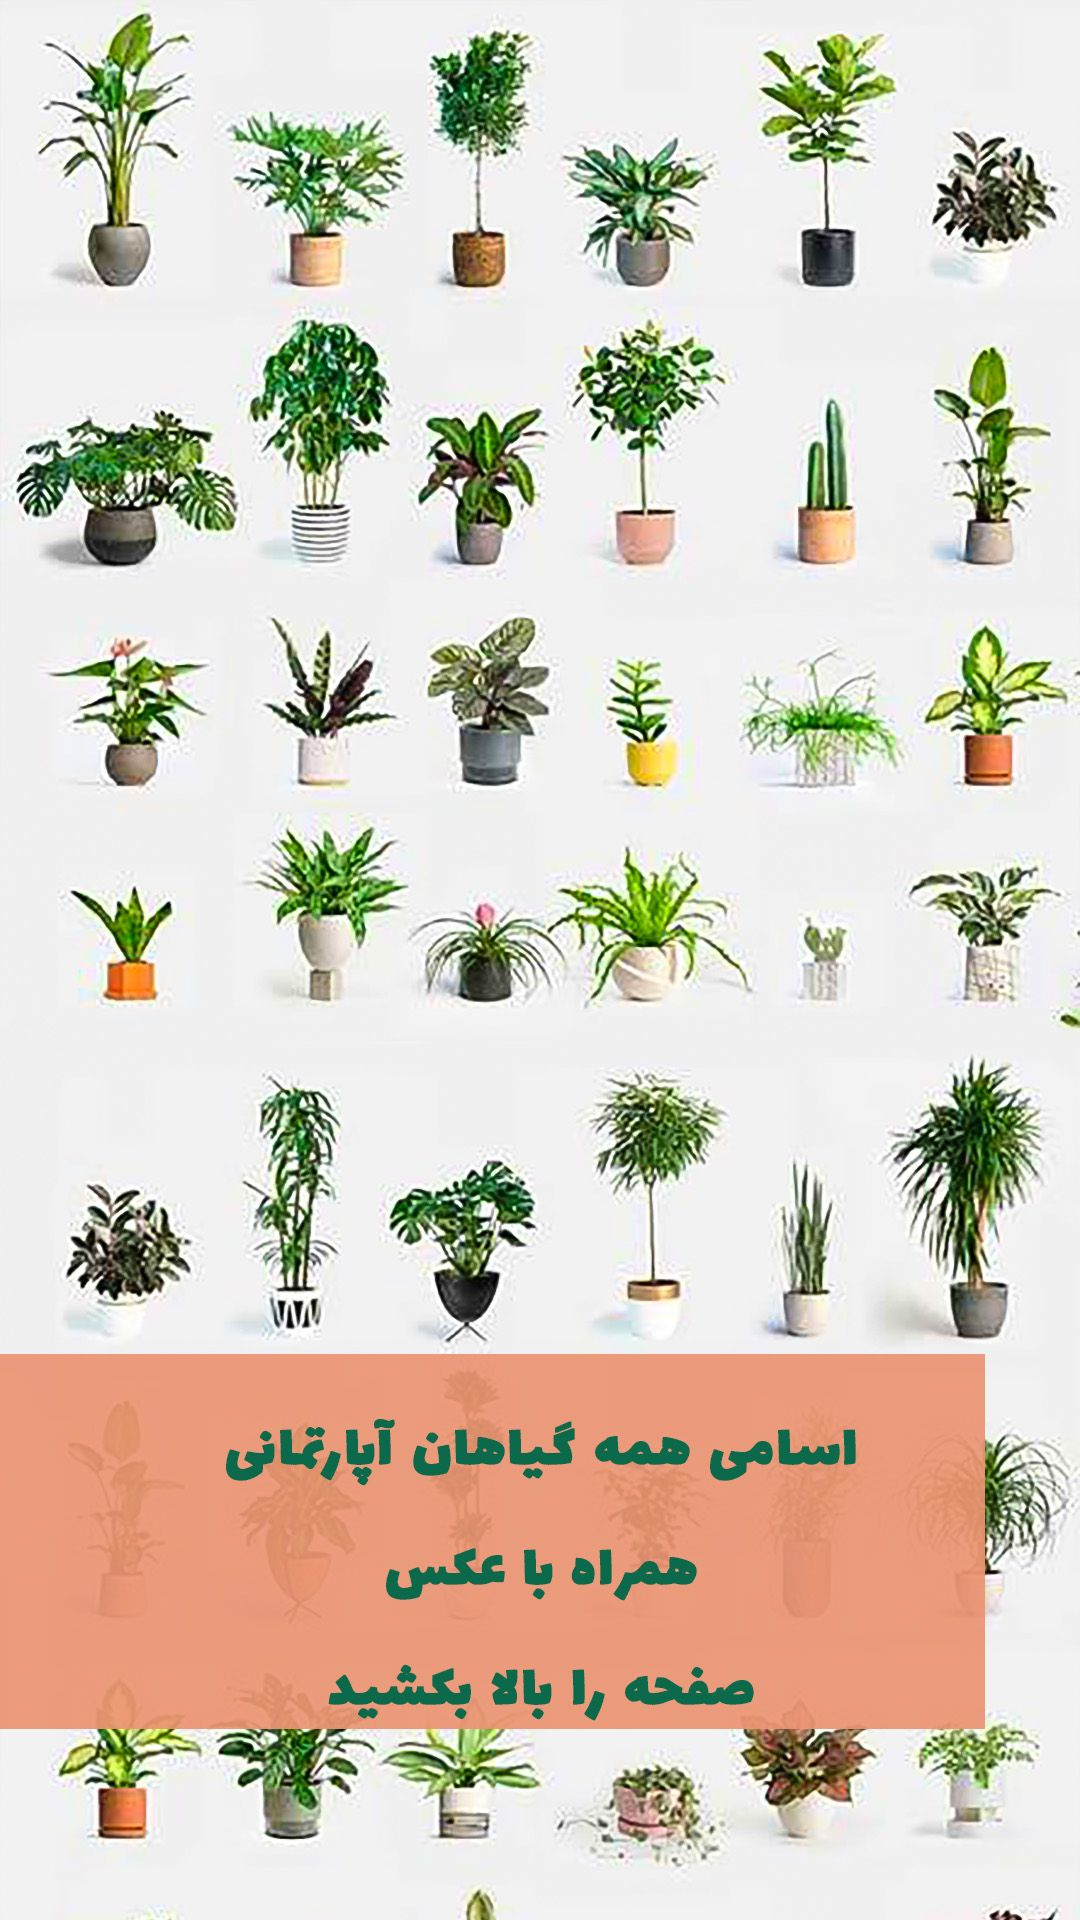 140 گیاه آپارتمانی با عکس فهرست الفبایی گیاهان خانگی Types Of Plants Free Phone Wallpaper Abstract Iphone Wallpaper